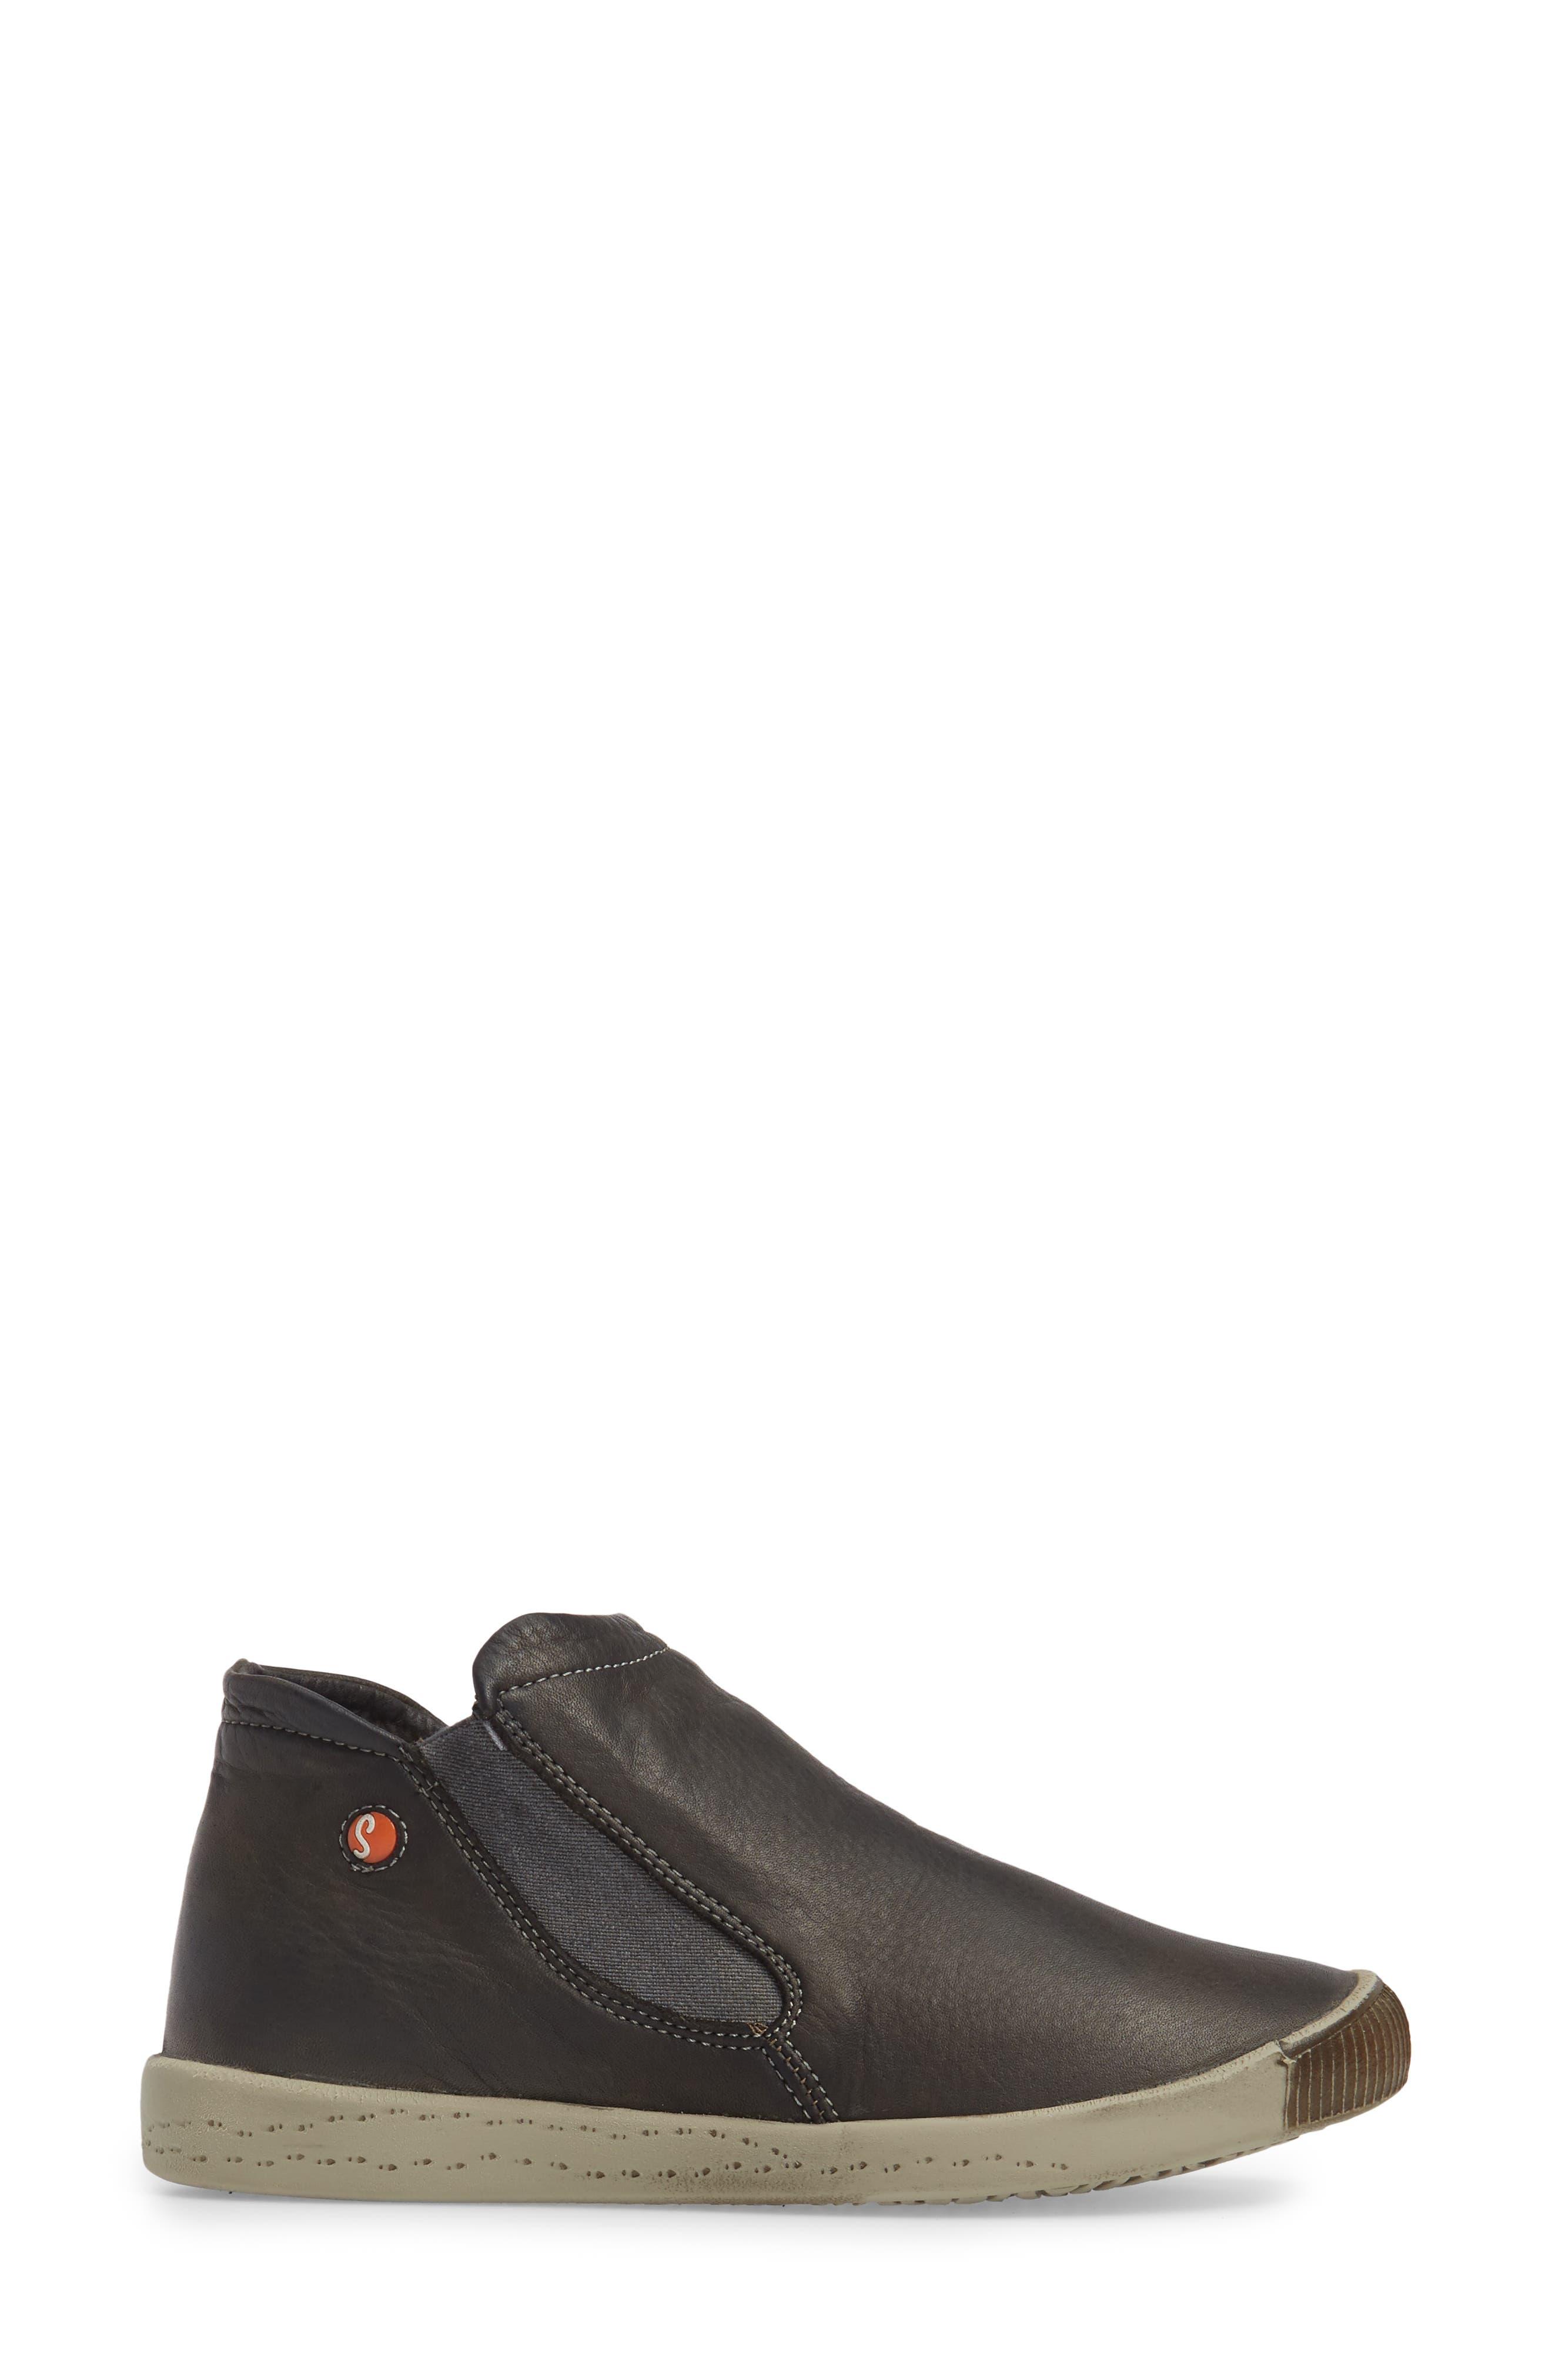 Inge Slip-On Sneaker,                             Alternate thumbnail 3, color,                             Military Leather